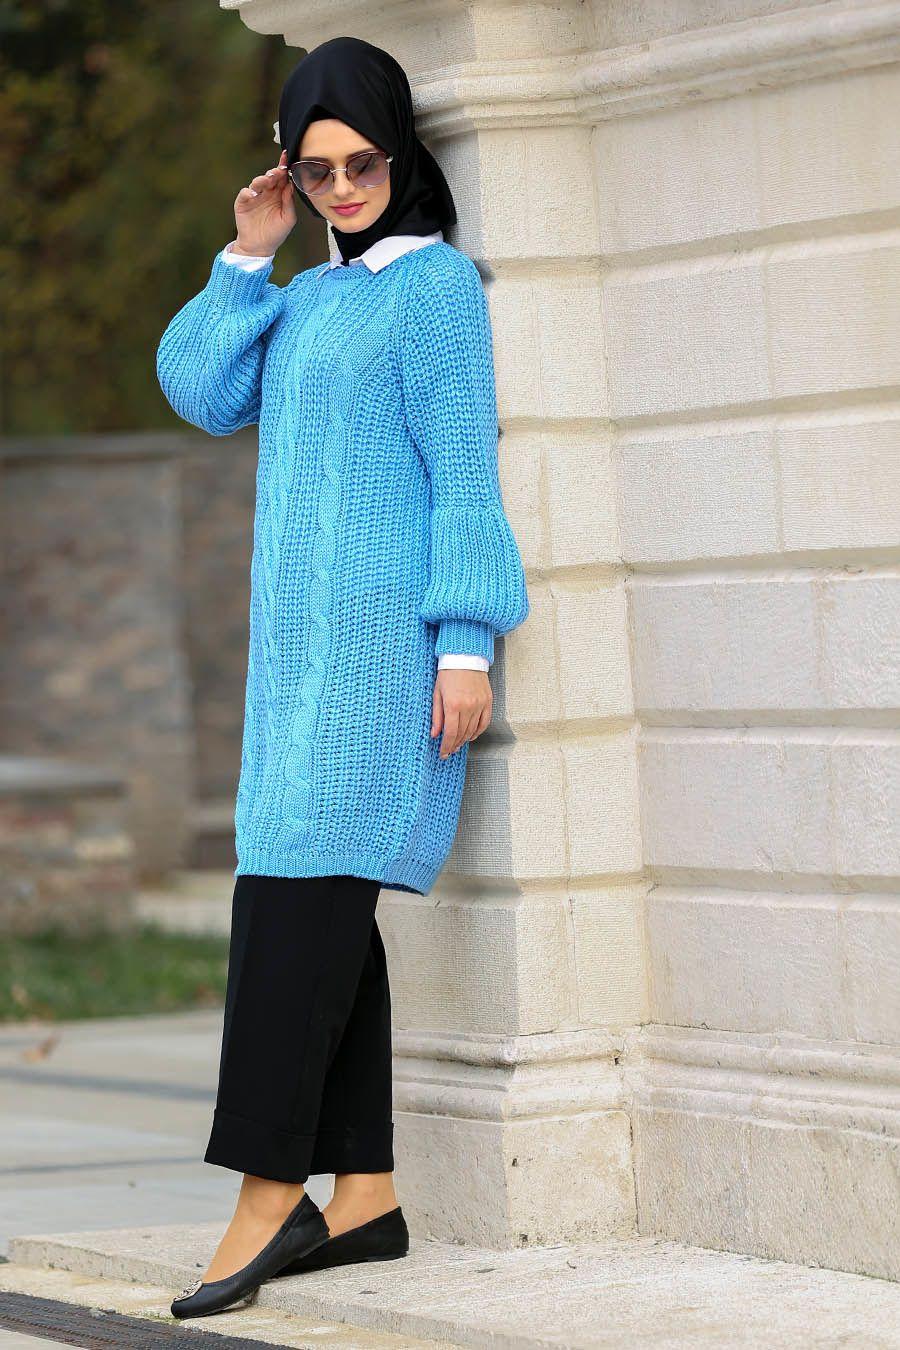 f8f5eb5ec4c15 Neva Style - Bebek Mavisi Örgü Tesettür Triko Tunik 30010BM #tesetturisland  #tesettur #tesetturelbise